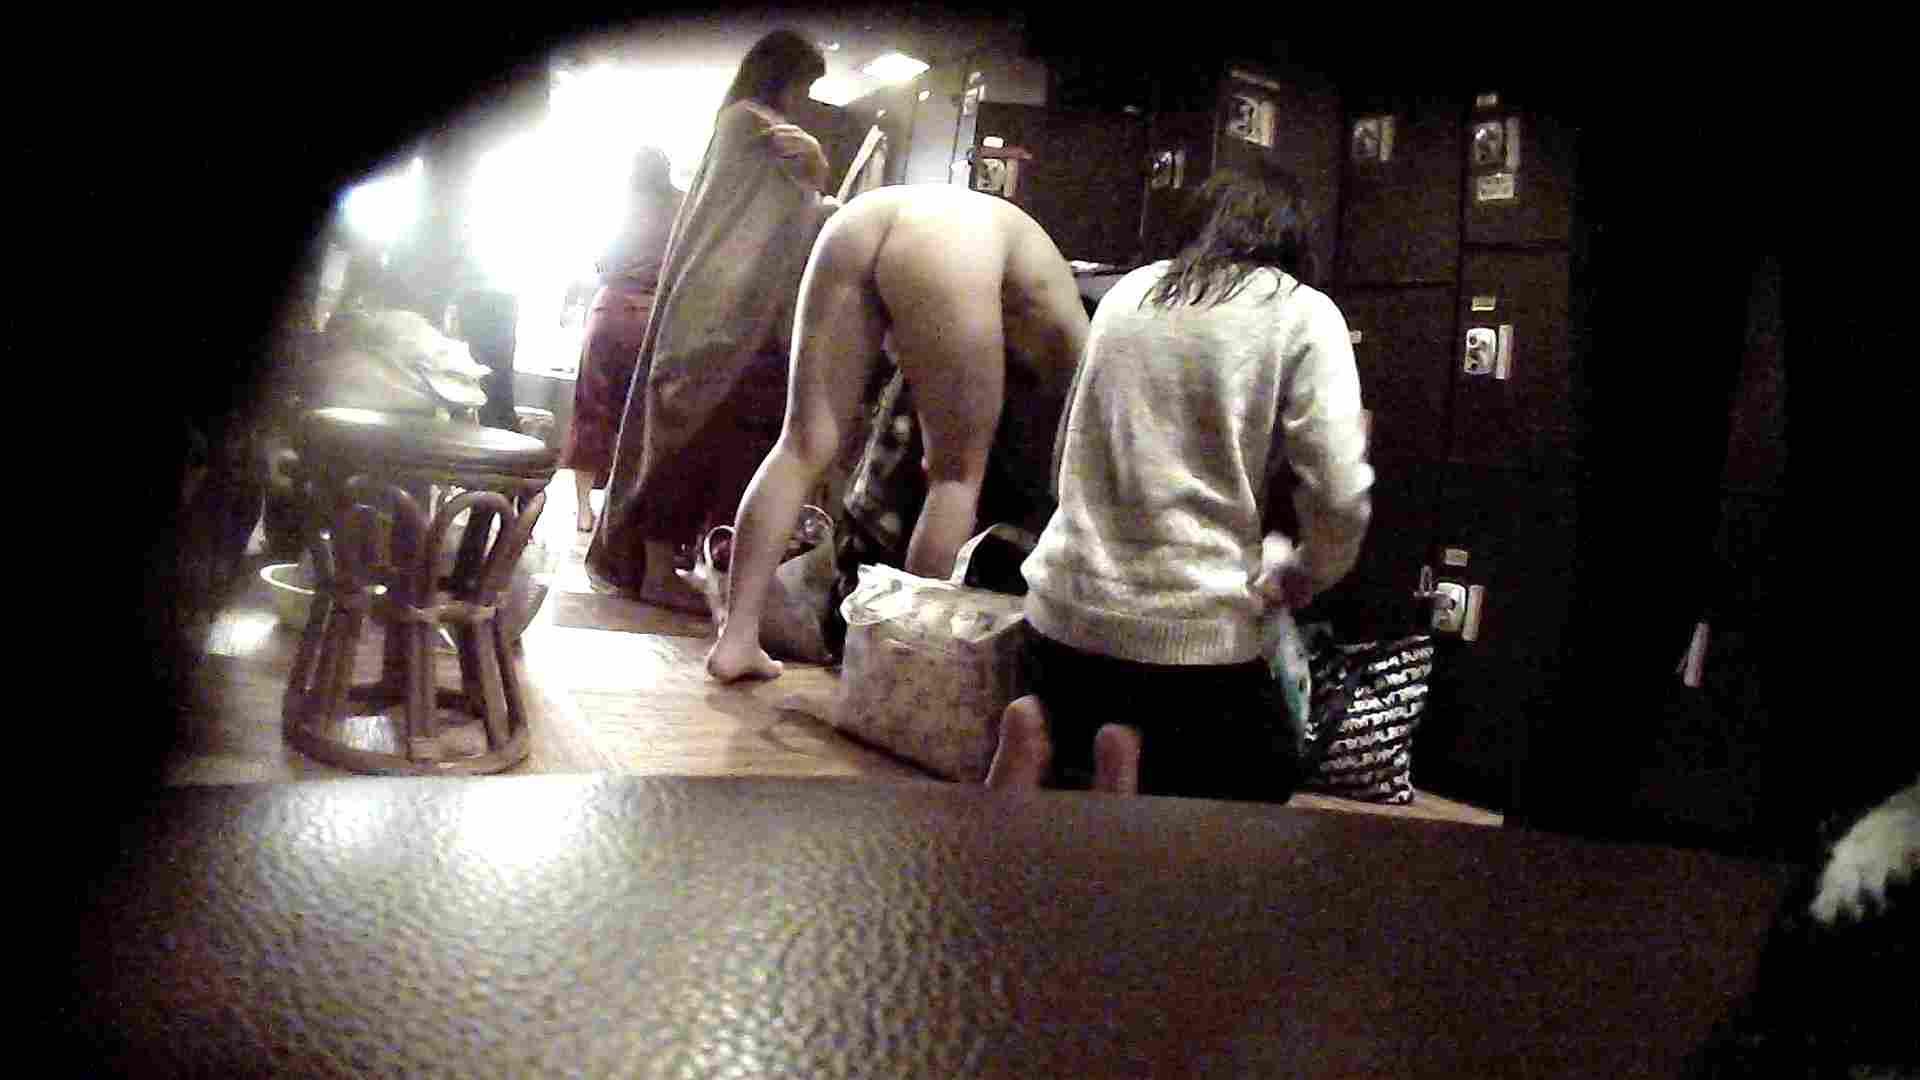 オムニバスVol.5 脱衣所のイケイケギャルがお勧め 脱衣所 すけべAV動画紹介 97PIX 19